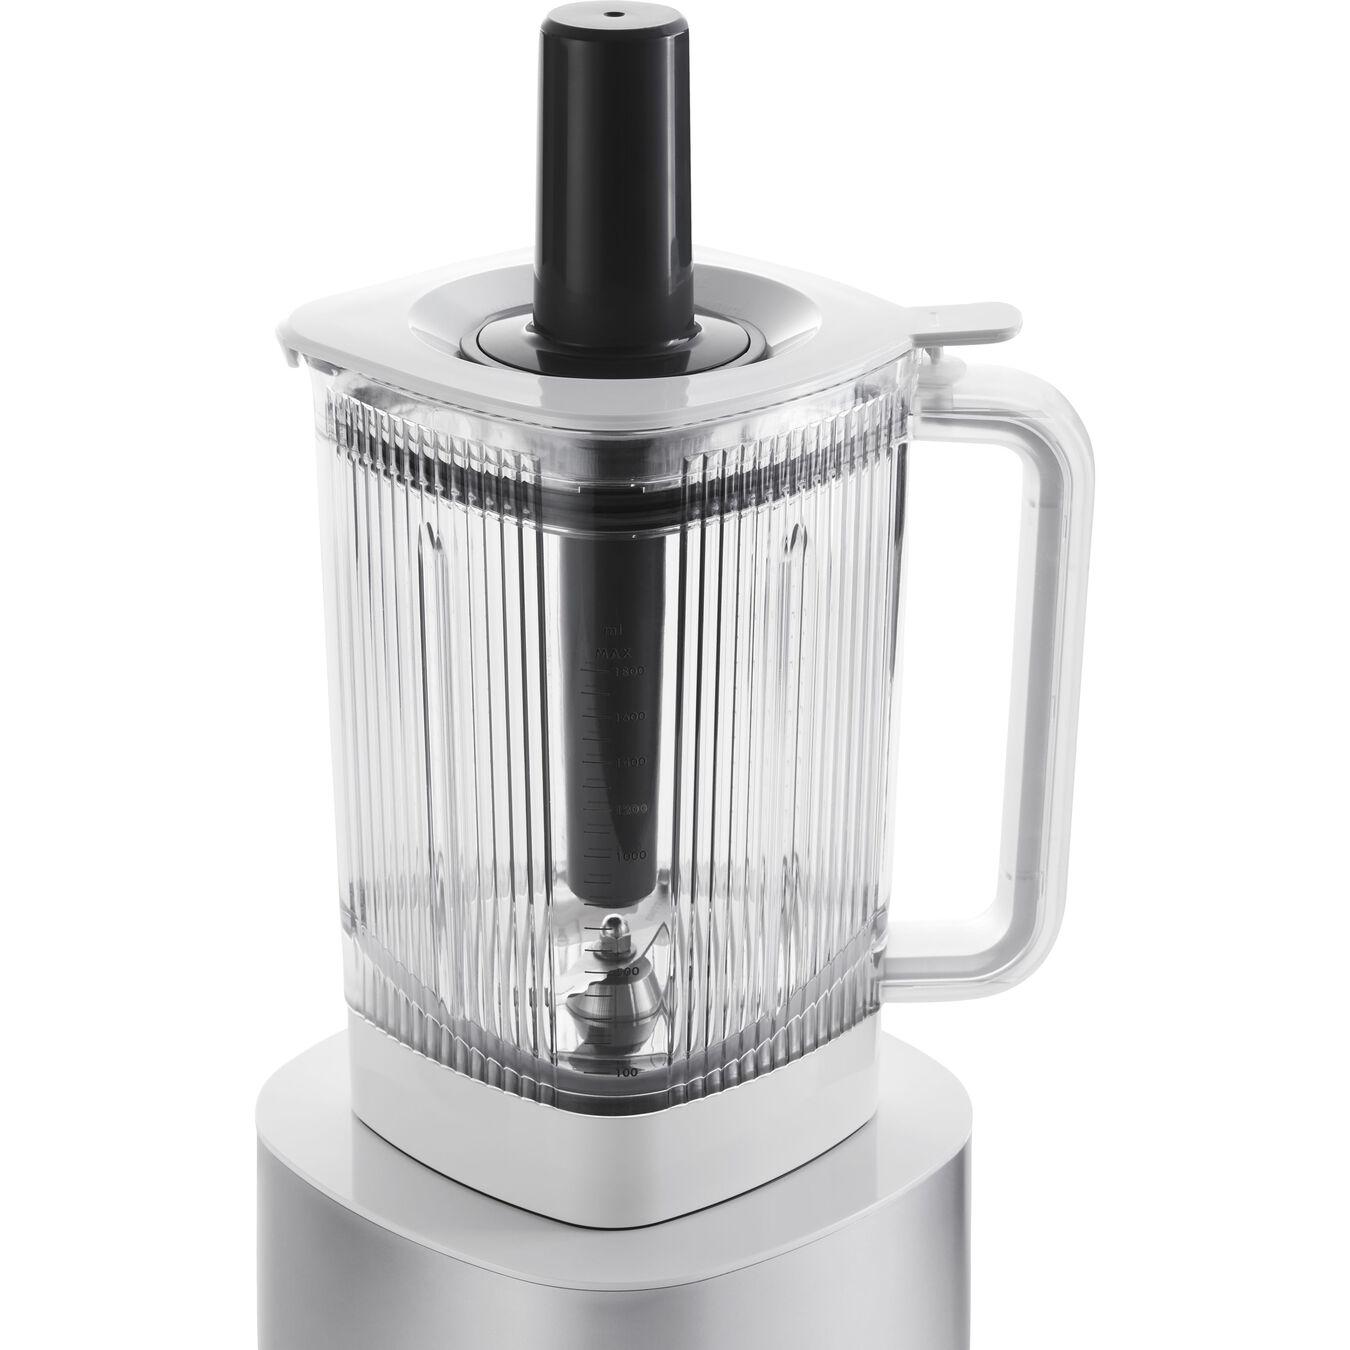 Power blender,,large 9